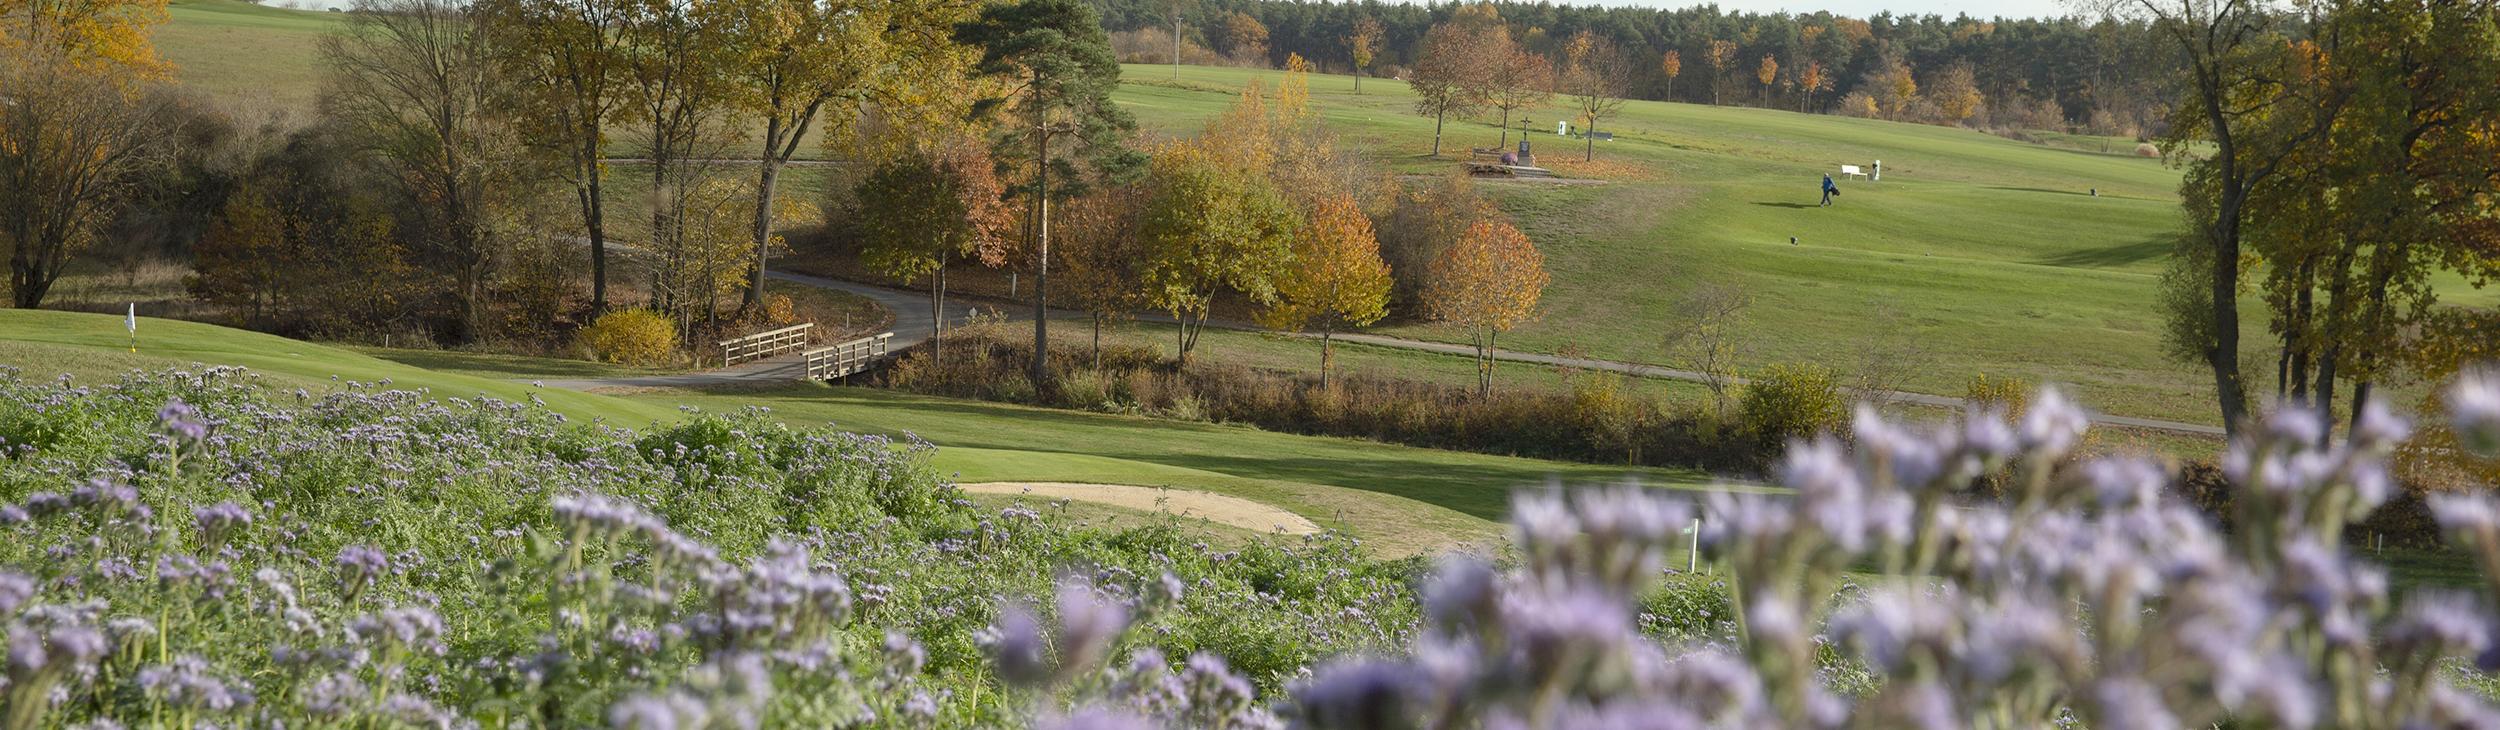 Golf-Club Herzogenaurach | Golf und Natur